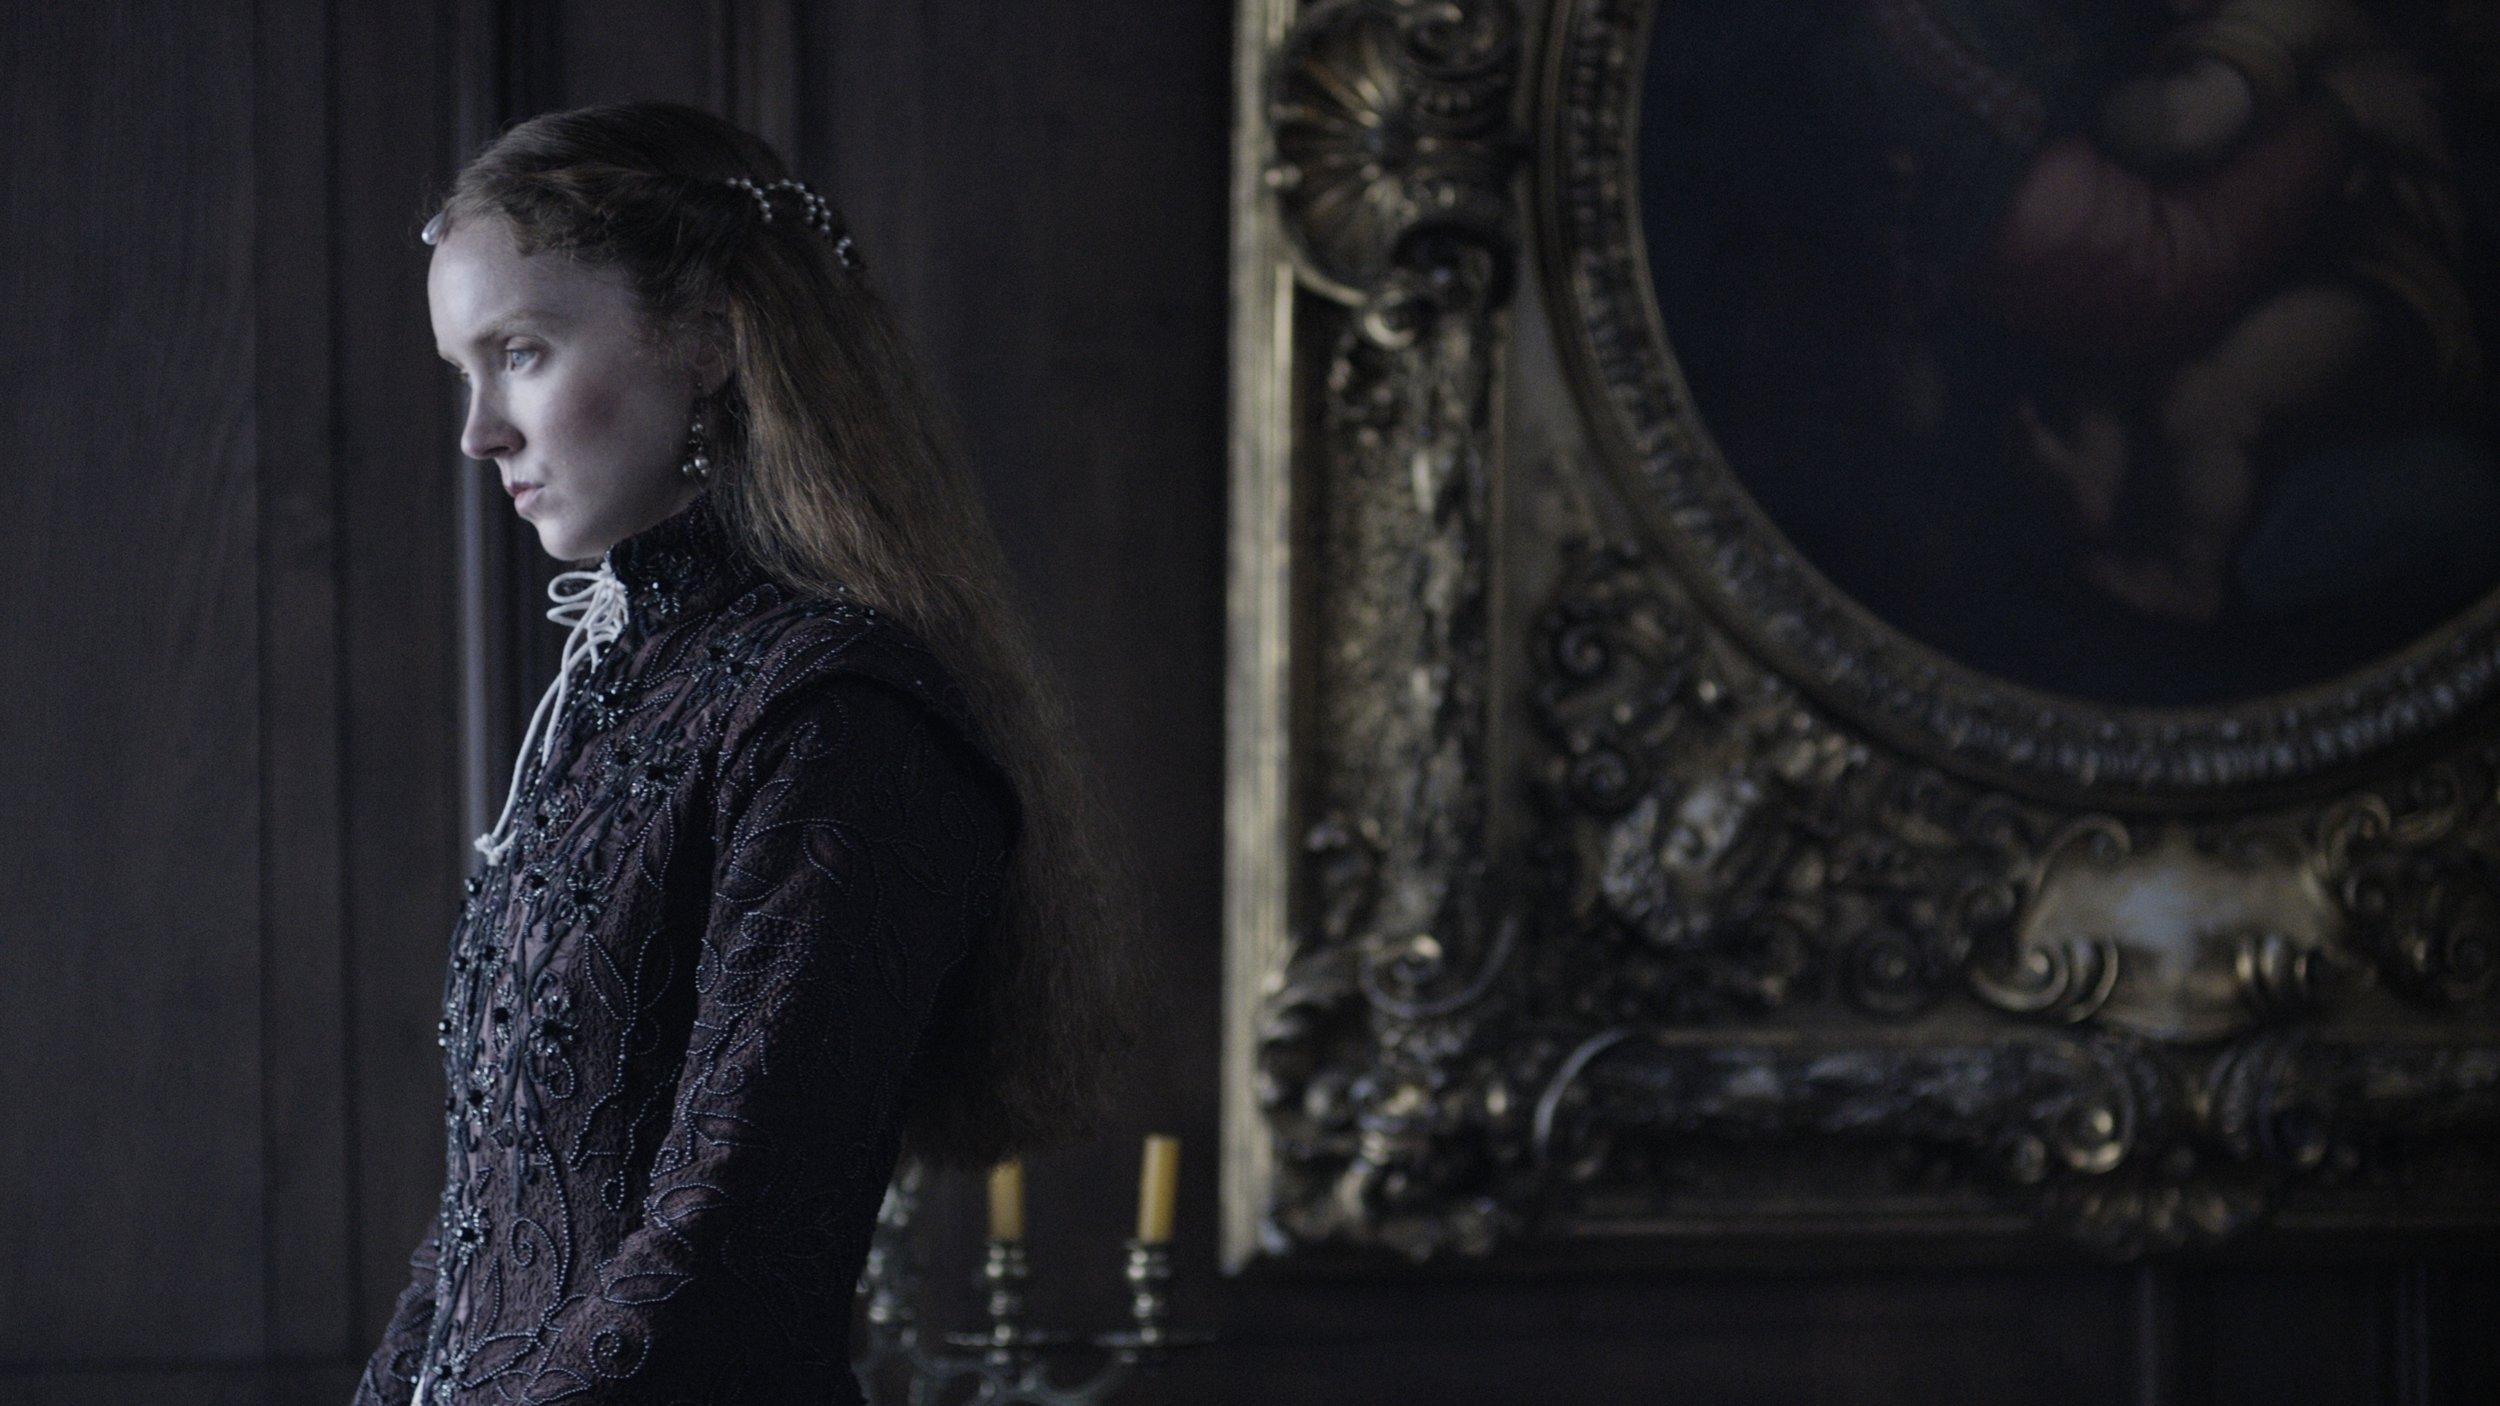 Lily Cole as Elizabeth I